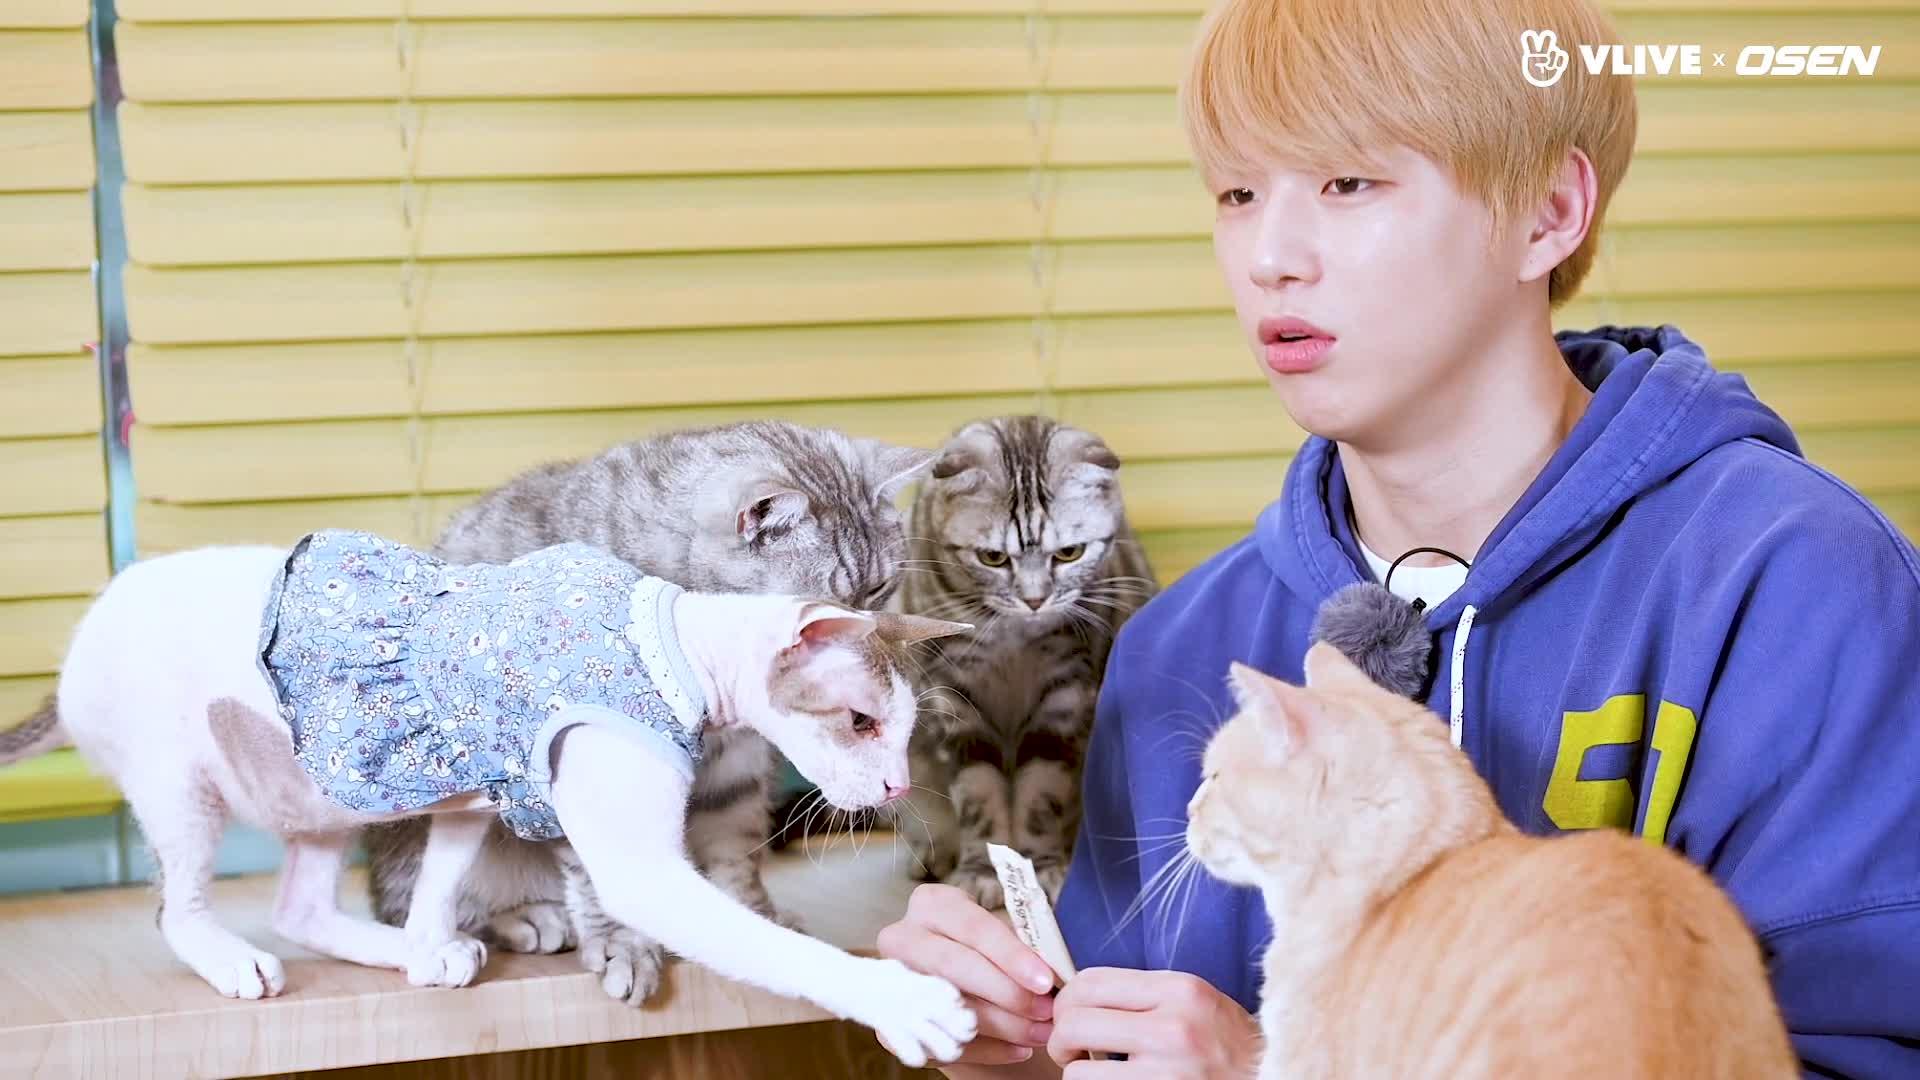 KANGDANIEL 강다니엘, 고양이들과 노는 모습 대공개 #스타로드 02